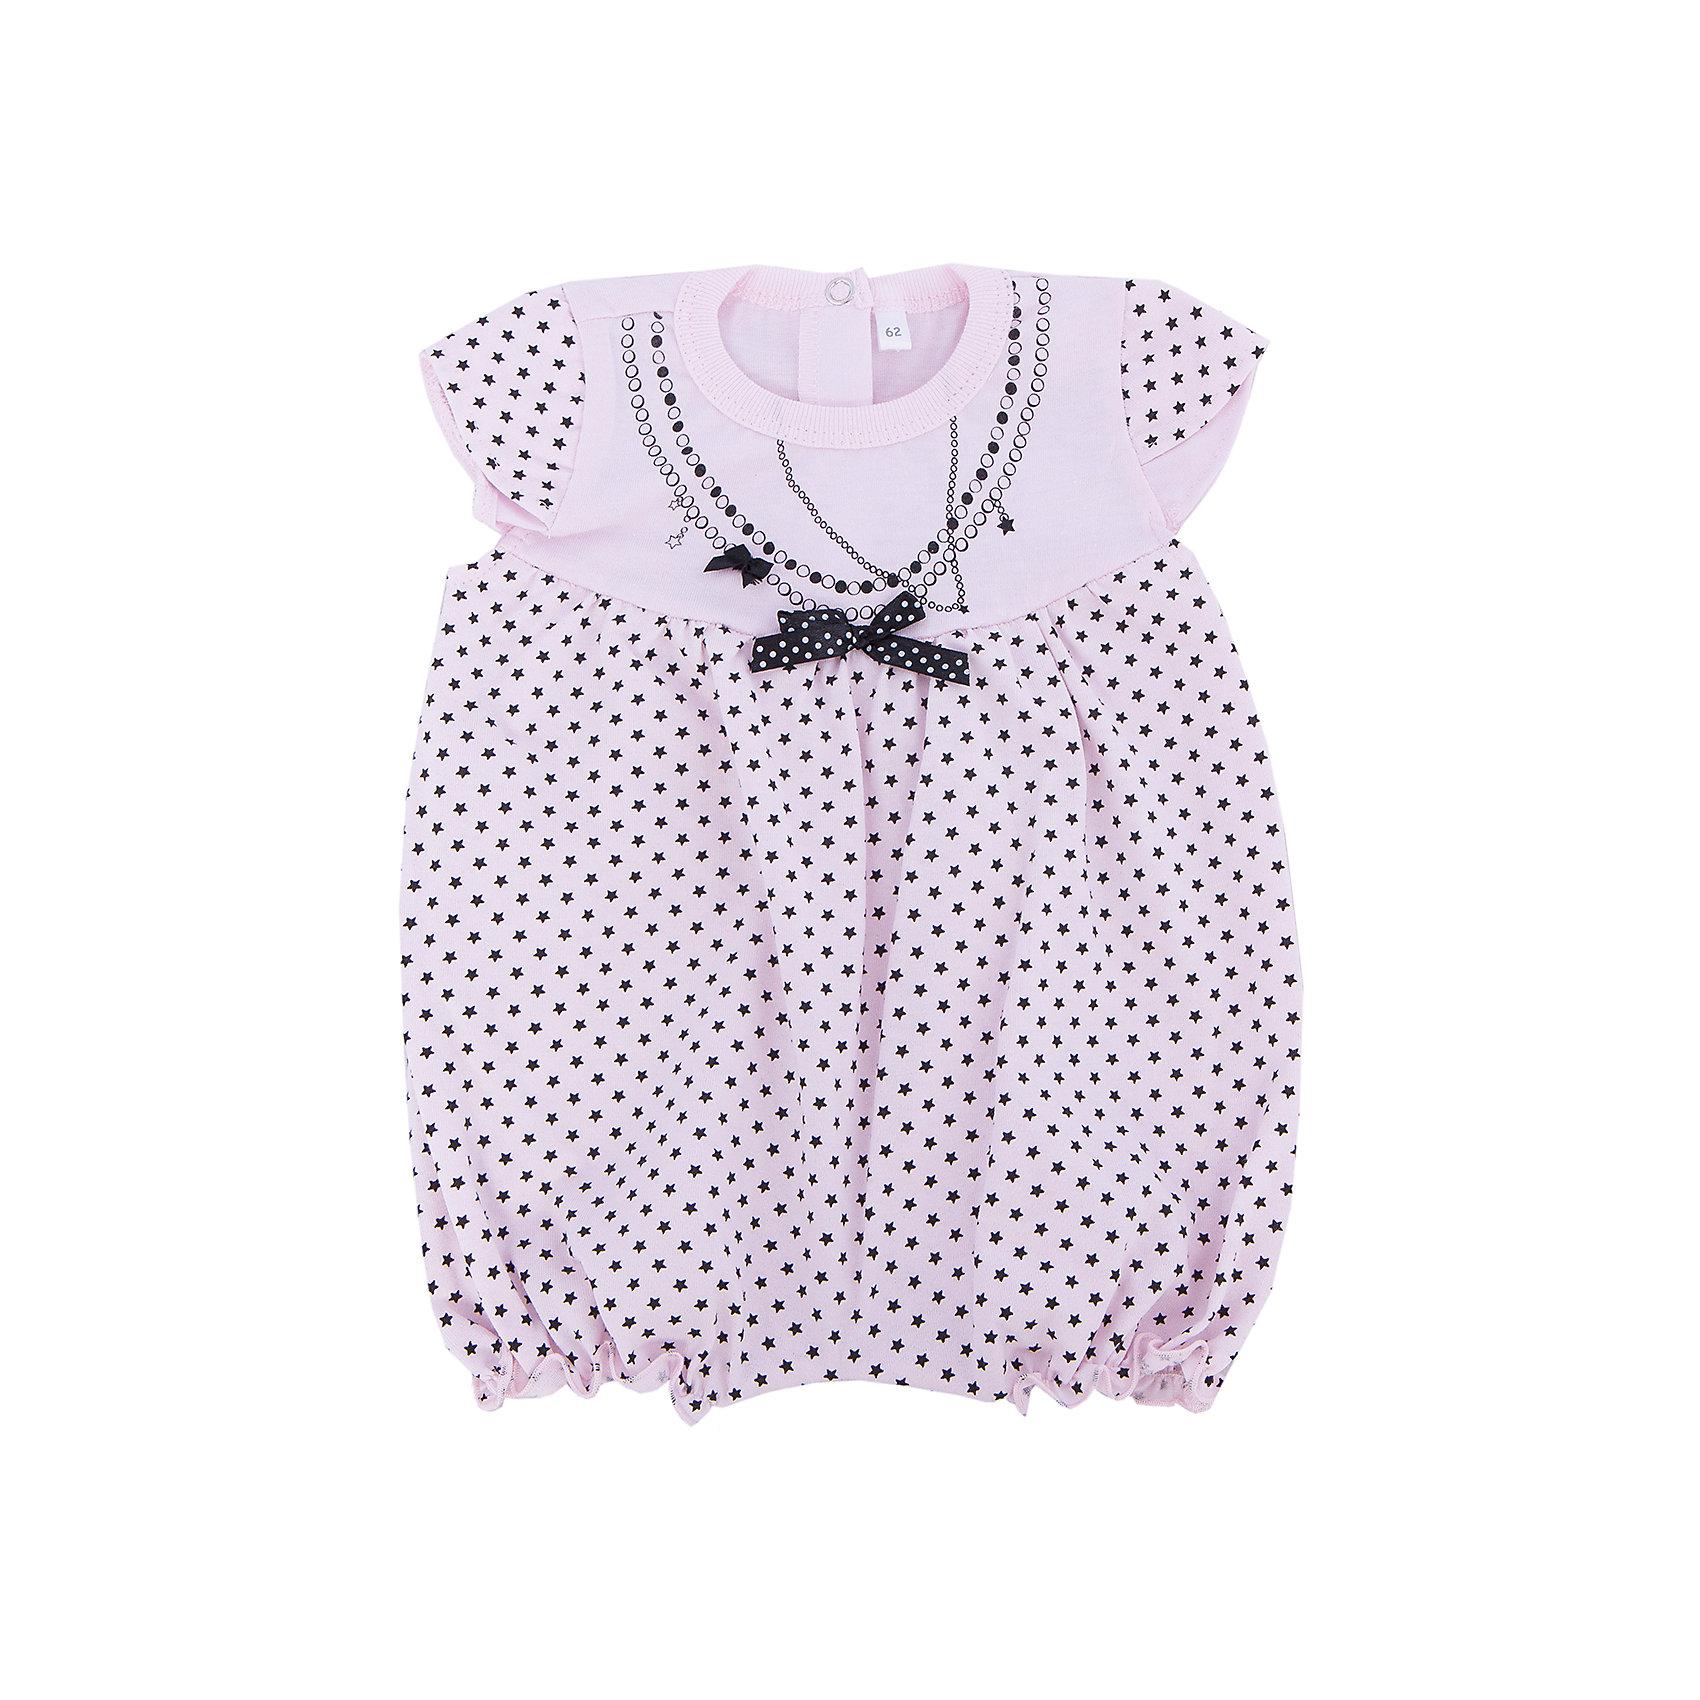 Песочник для девочки Soni KidsПесочник для девочки от популярной марки Soni Kids <br> <br>Удобный и нарядный песочник сшит из мягкого дышащего хлопка. Это гипоаллергенный материал, который отлично подходит для детской одежды. Правильный крой обеспечит ребенку удобство, не будет натирать и стеснять движения. <br> <br>Особенности модели: <br> <br>- цвет - бежевый; <br>- материал - натуральный хлопок; <br>- ткань в звездочку; <br>- крылья на рукавах; <br>- мягкая окантовка; <br>- принт; <br>- модель декорирована бантиками; <br>- застежки - кнопки сзади и внизу. <br> <br>Дополнительная информация: <br> <br>Состав: 100% хлопок <br> <br>Песочник для девочки от популярной марки Soni Kids (Сони Кидс) можно купить в нашем магазине<br><br>Ширина мм: 157<br>Глубина мм: 13<br>Высота мм: 119<br>Вес г: 200<br>Цвет: розовый<br>Возраст от месяцев: 2<br>Возраст до месяцев: 5<br>Пол: Женский<br>Возраст: Детский<br>Размер: 62,68,86,80,74<br>SKU: 4545090